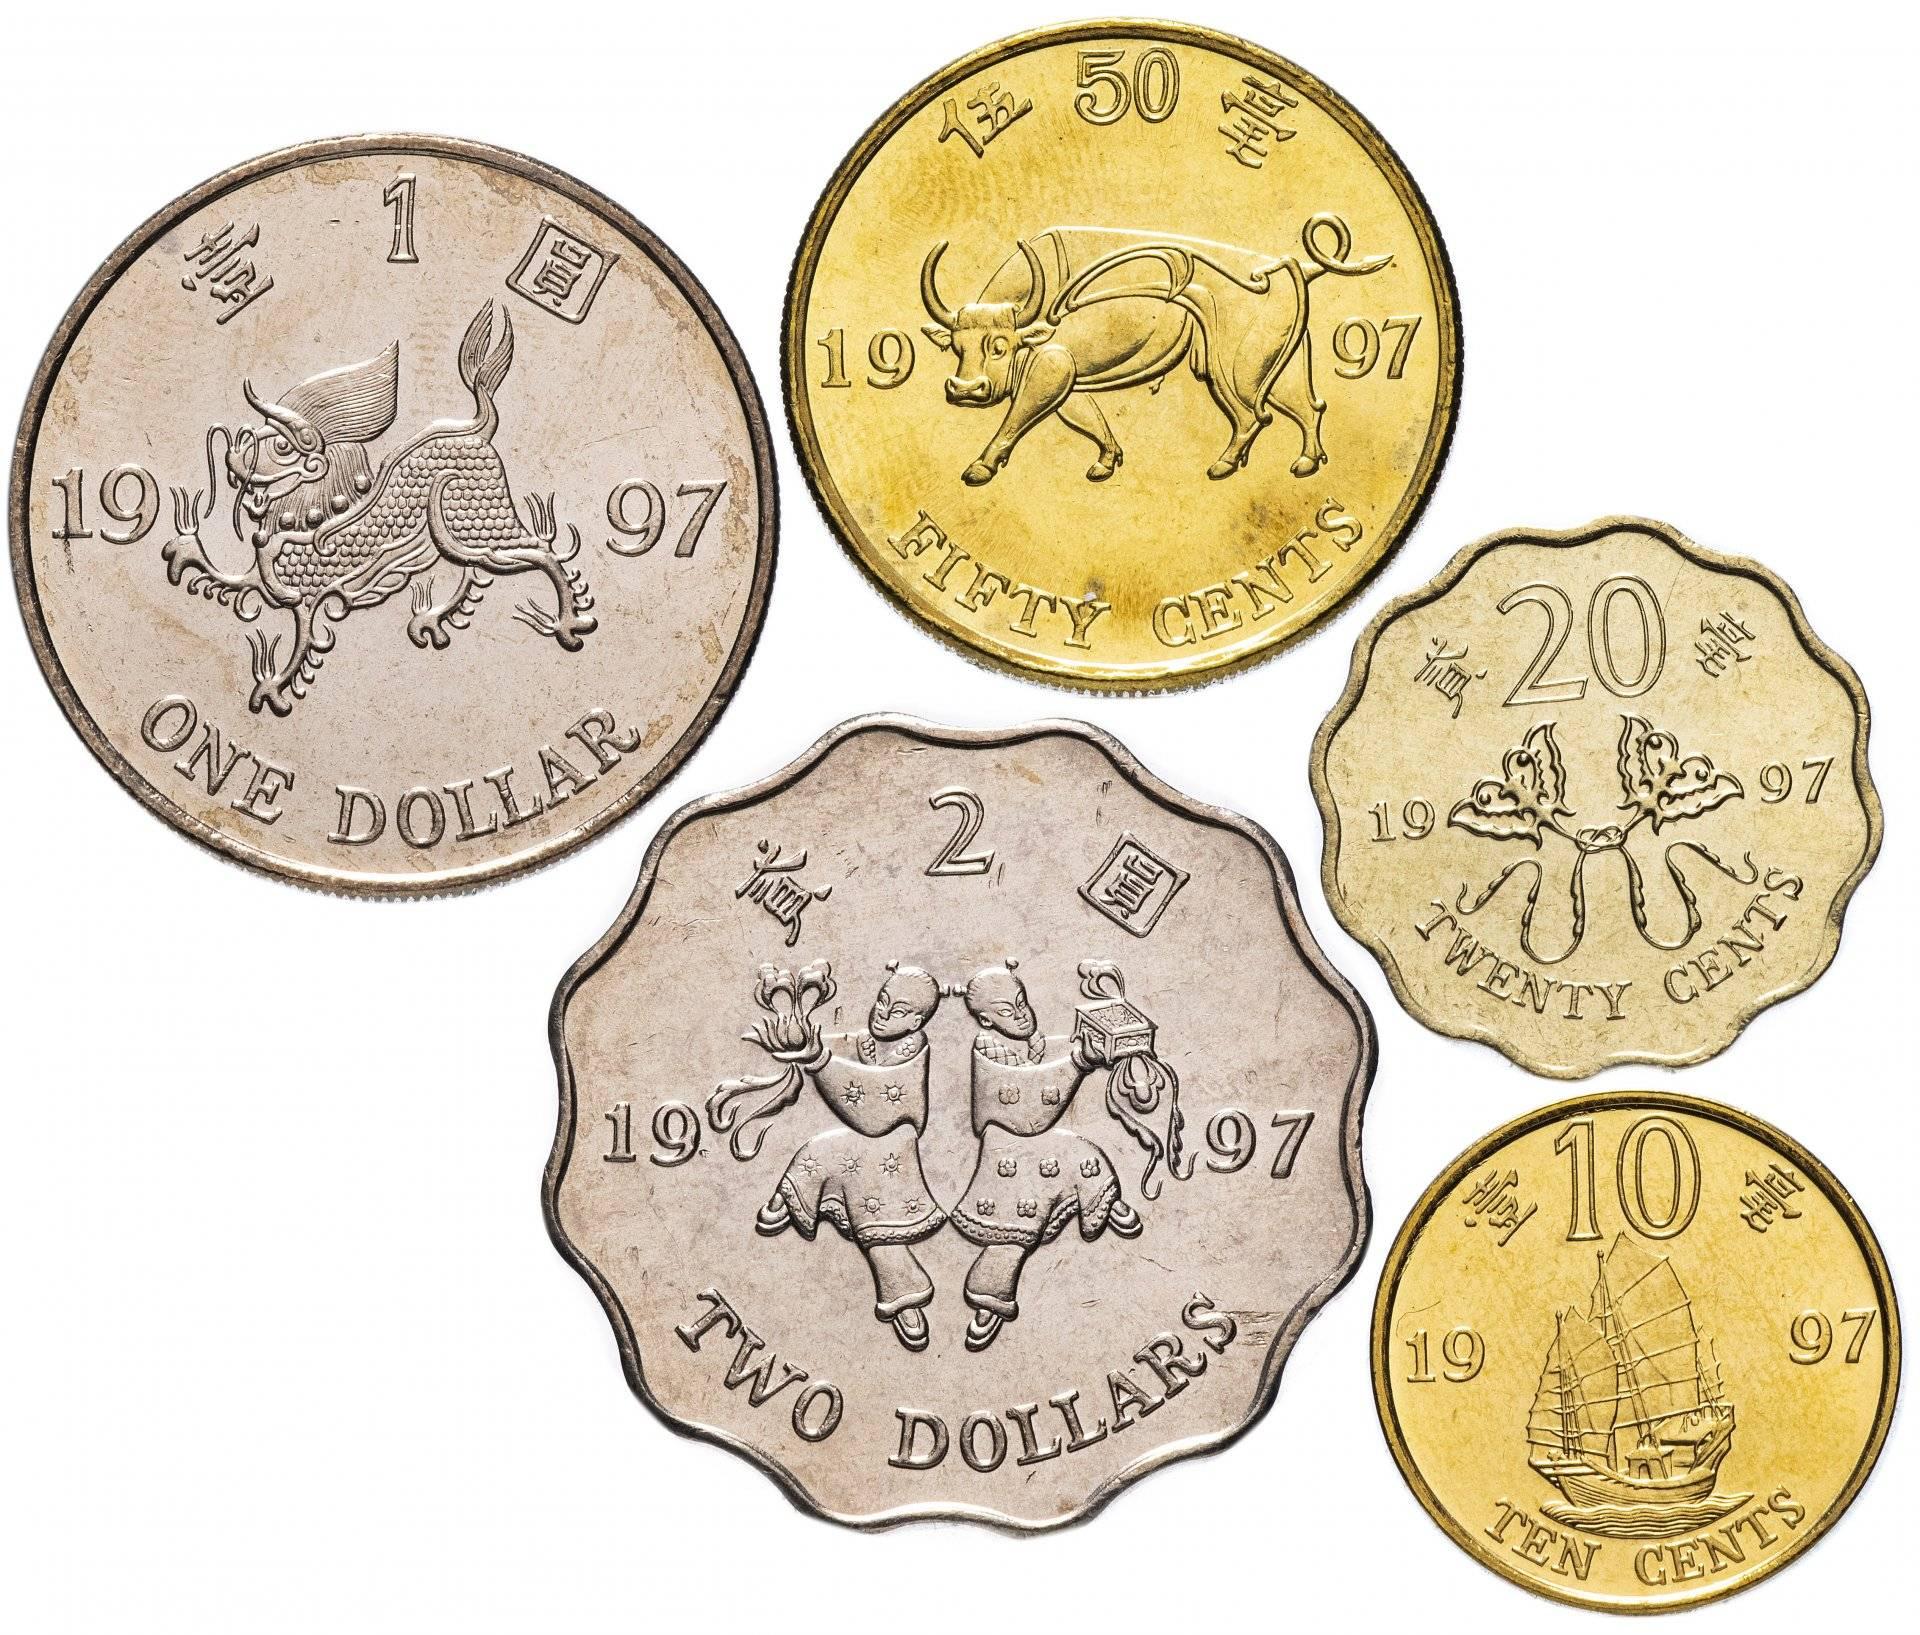 Гонконгский доллар, динамика курса, курс гонконгского доллара на сегодня, где обменять, стоимость гонконгского доллара